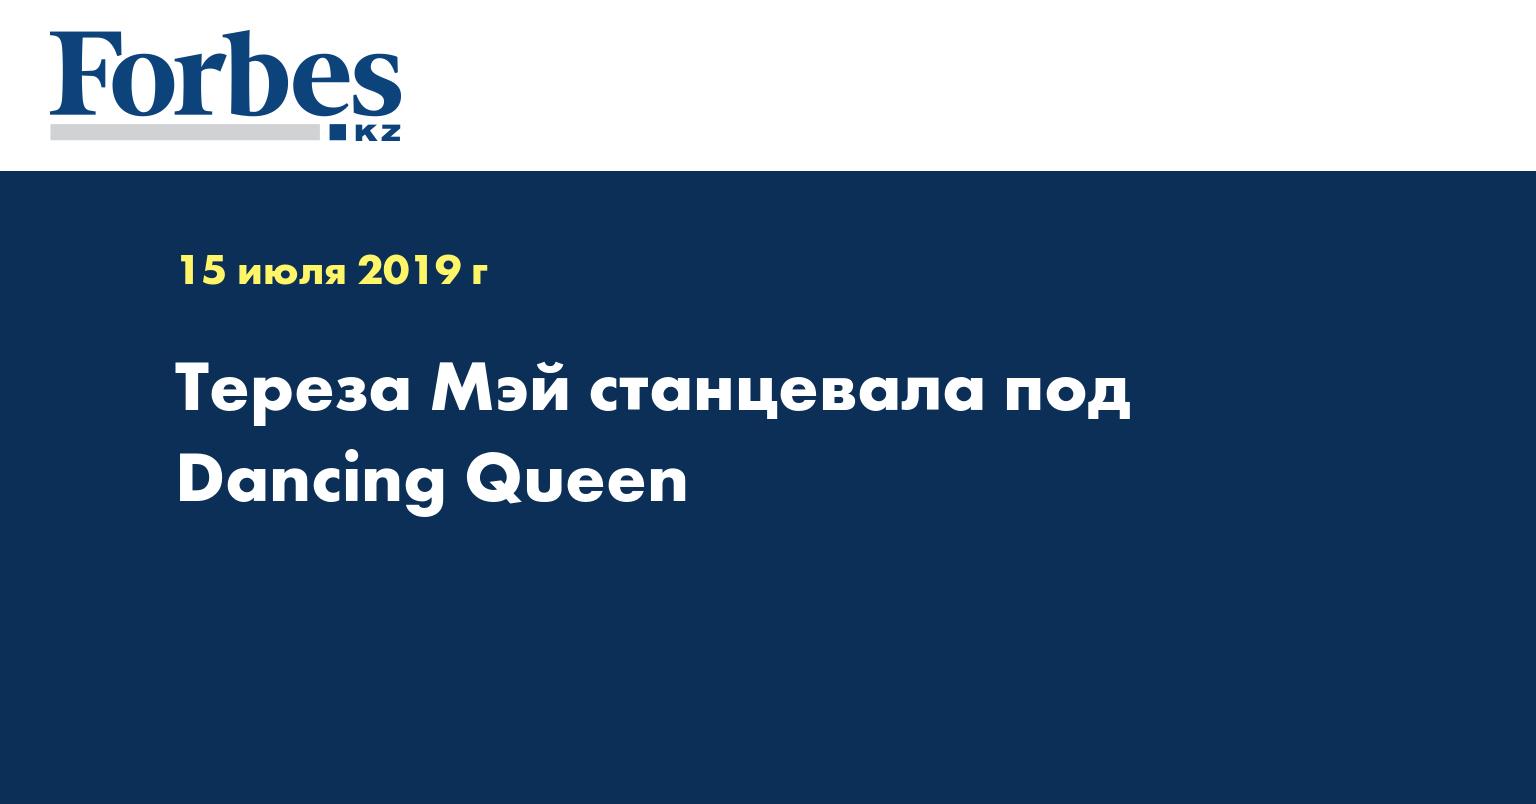 Тереза Мэй станцевала под Dancing Queen